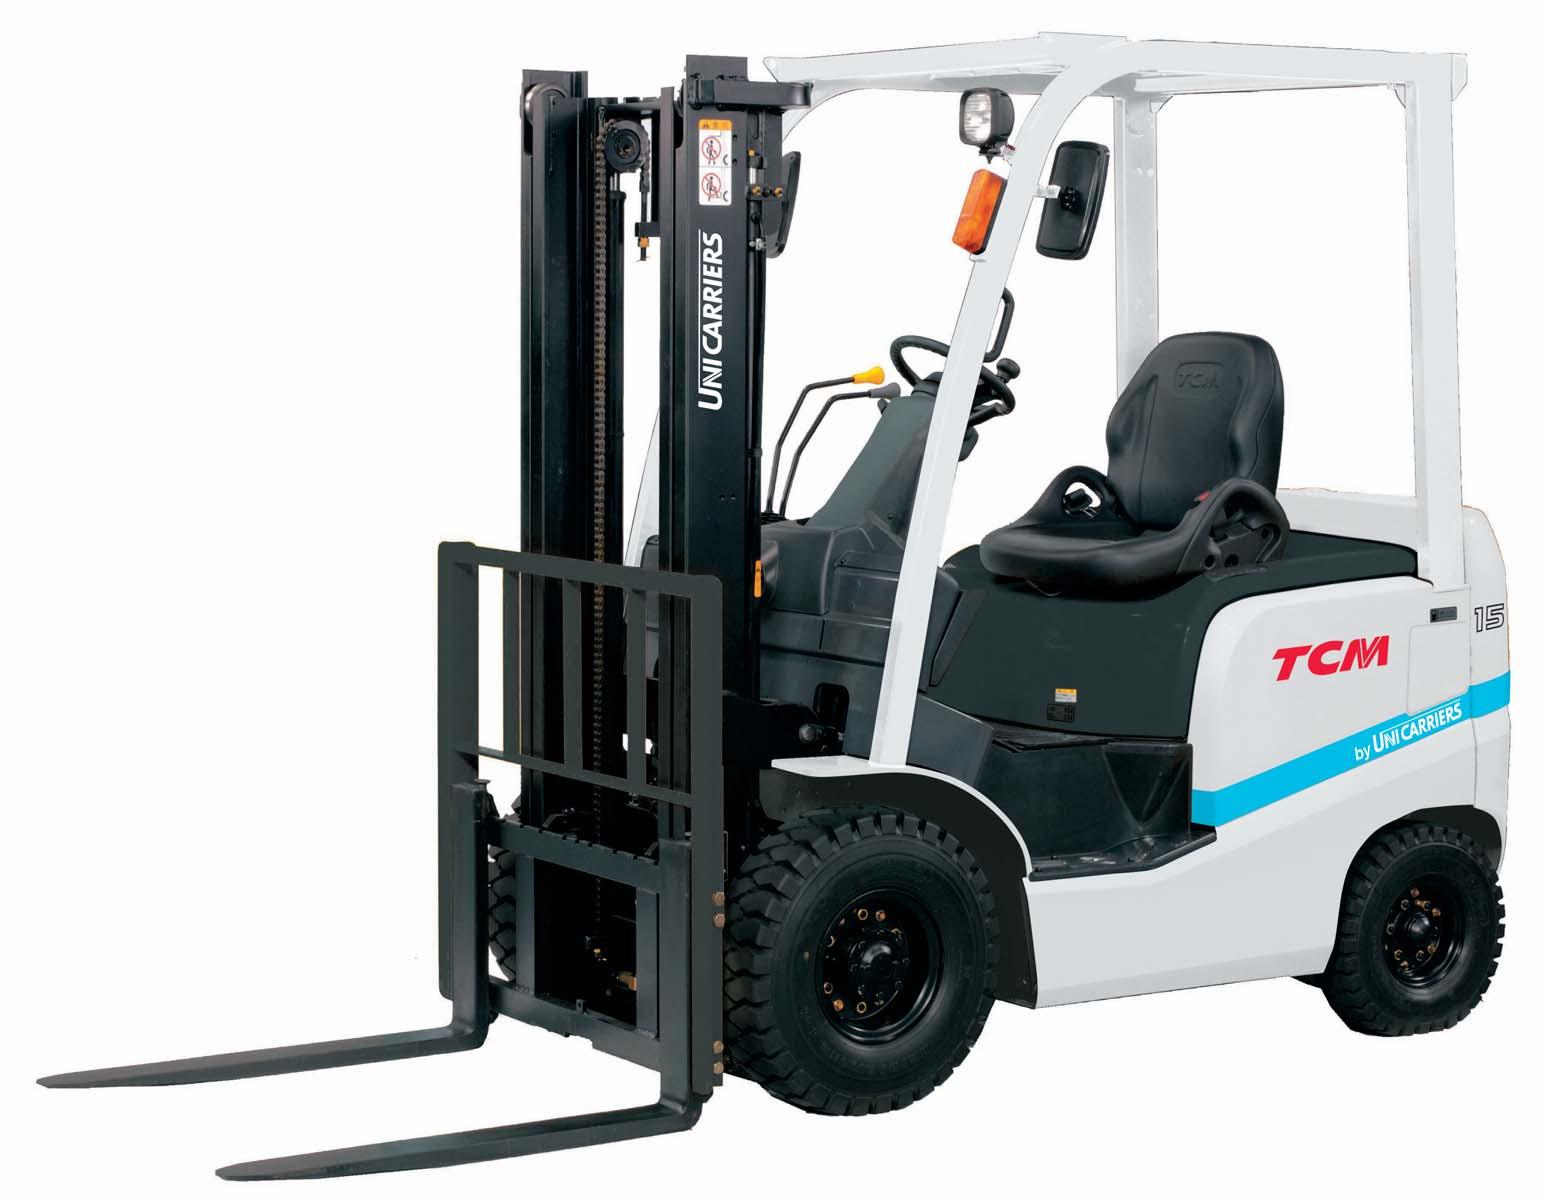 TCM FG45T9